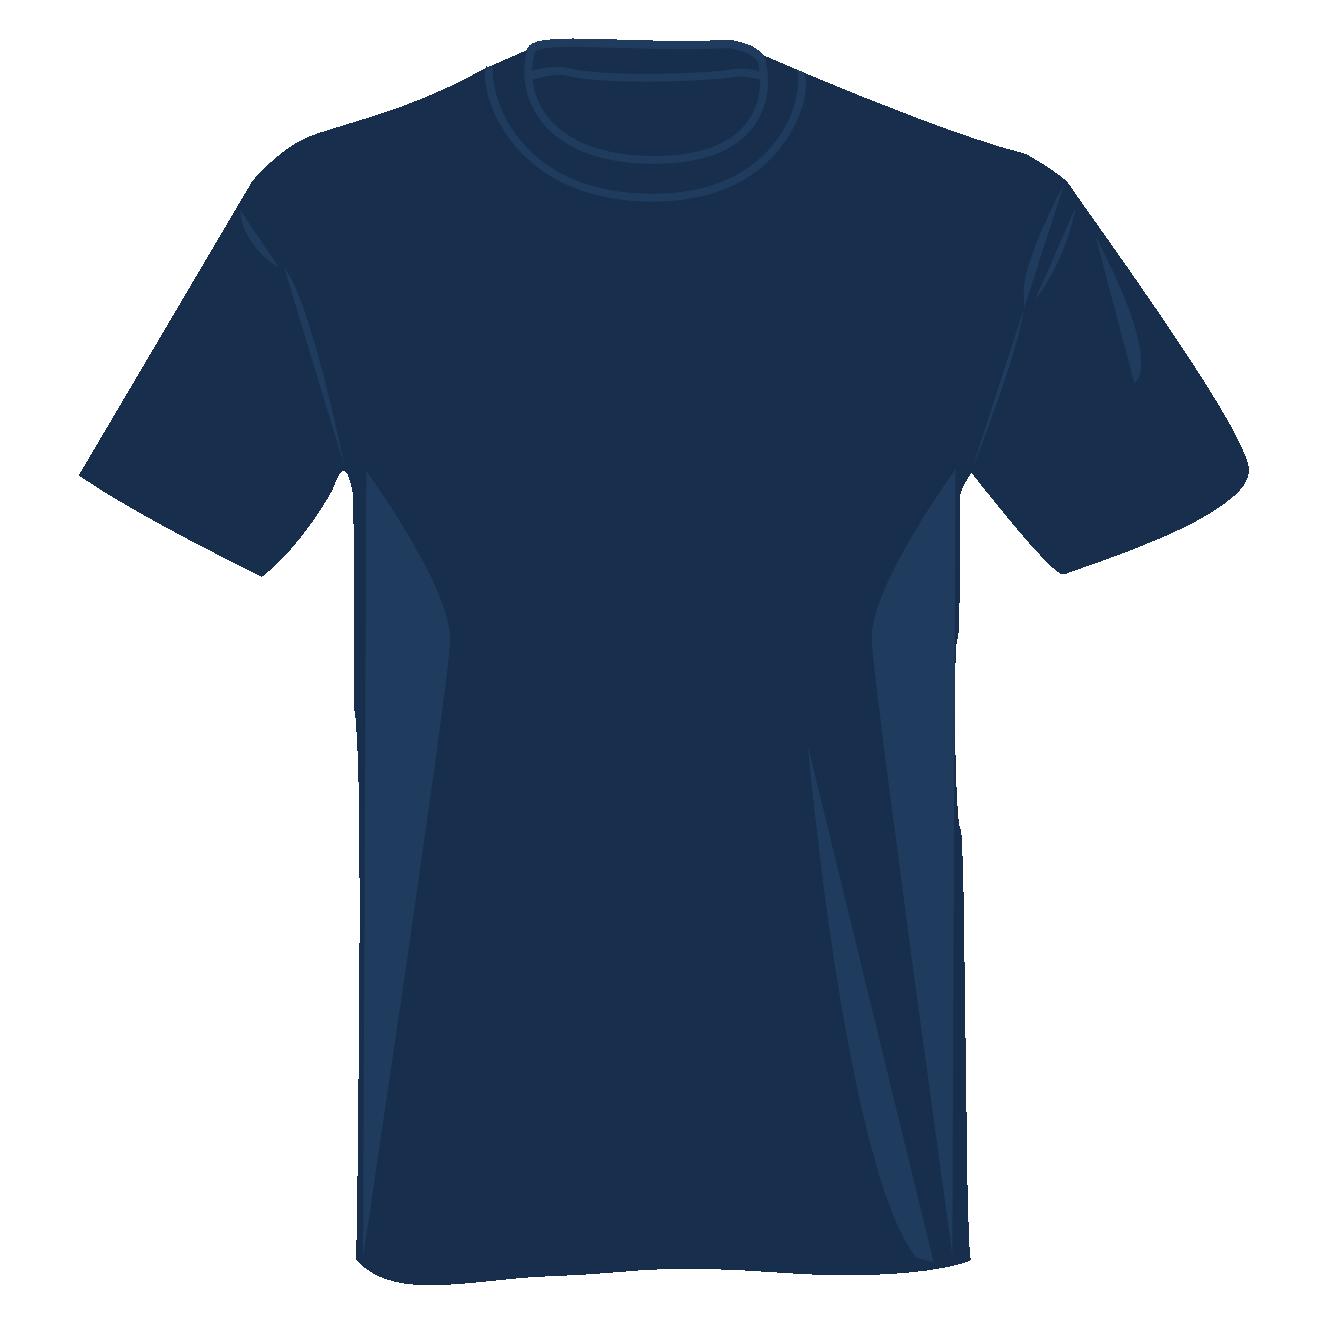 T shirt clip art for T shirt design programs for pc